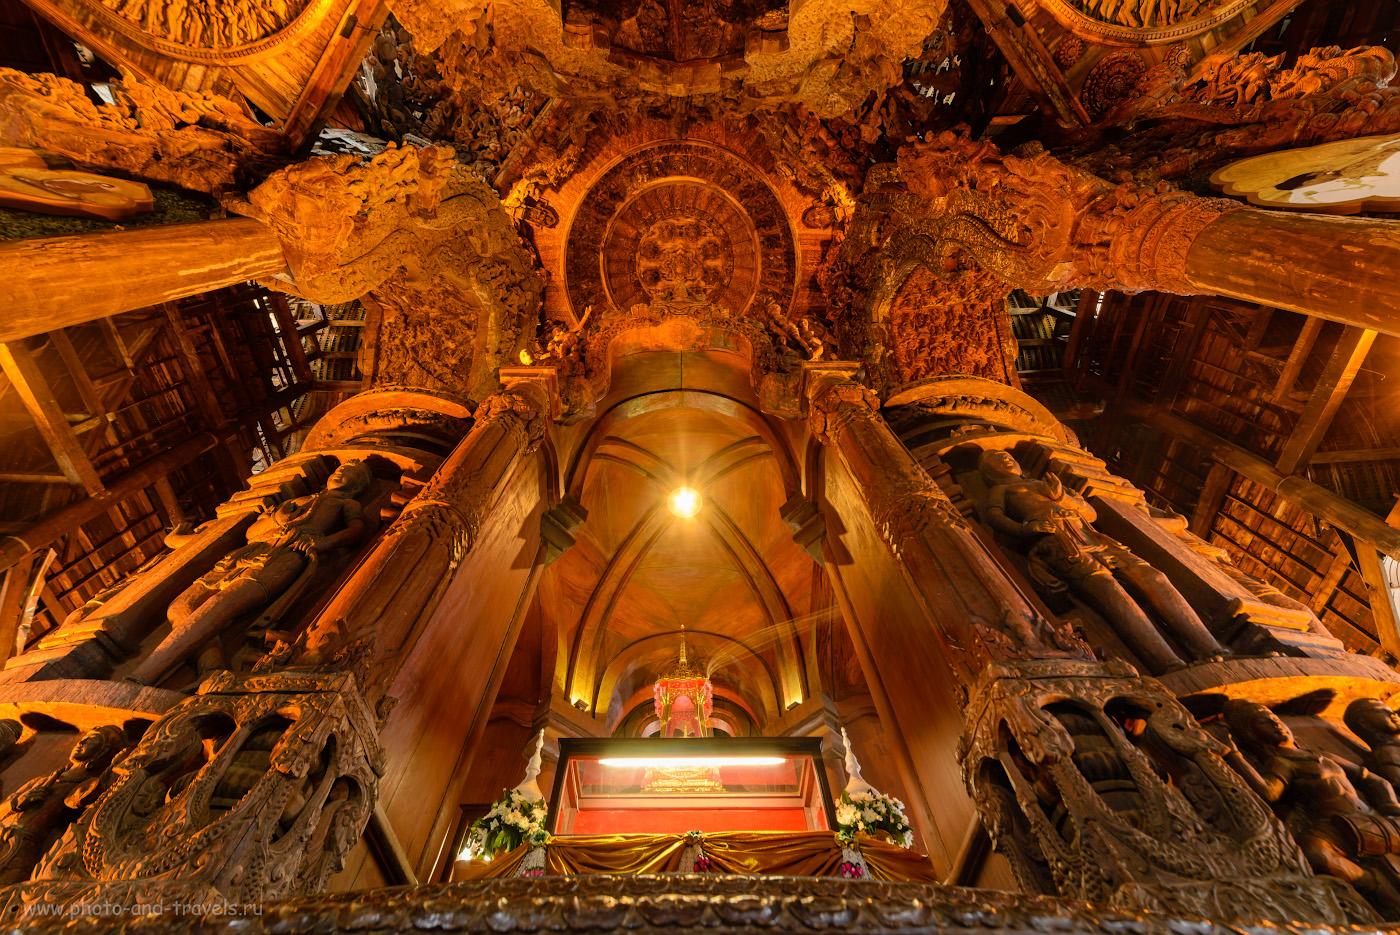 Снимок 25. Резные потолки в деревянном Храме Истины в Паттайе. 2.5, +0.67, 8.0, 100, 14.